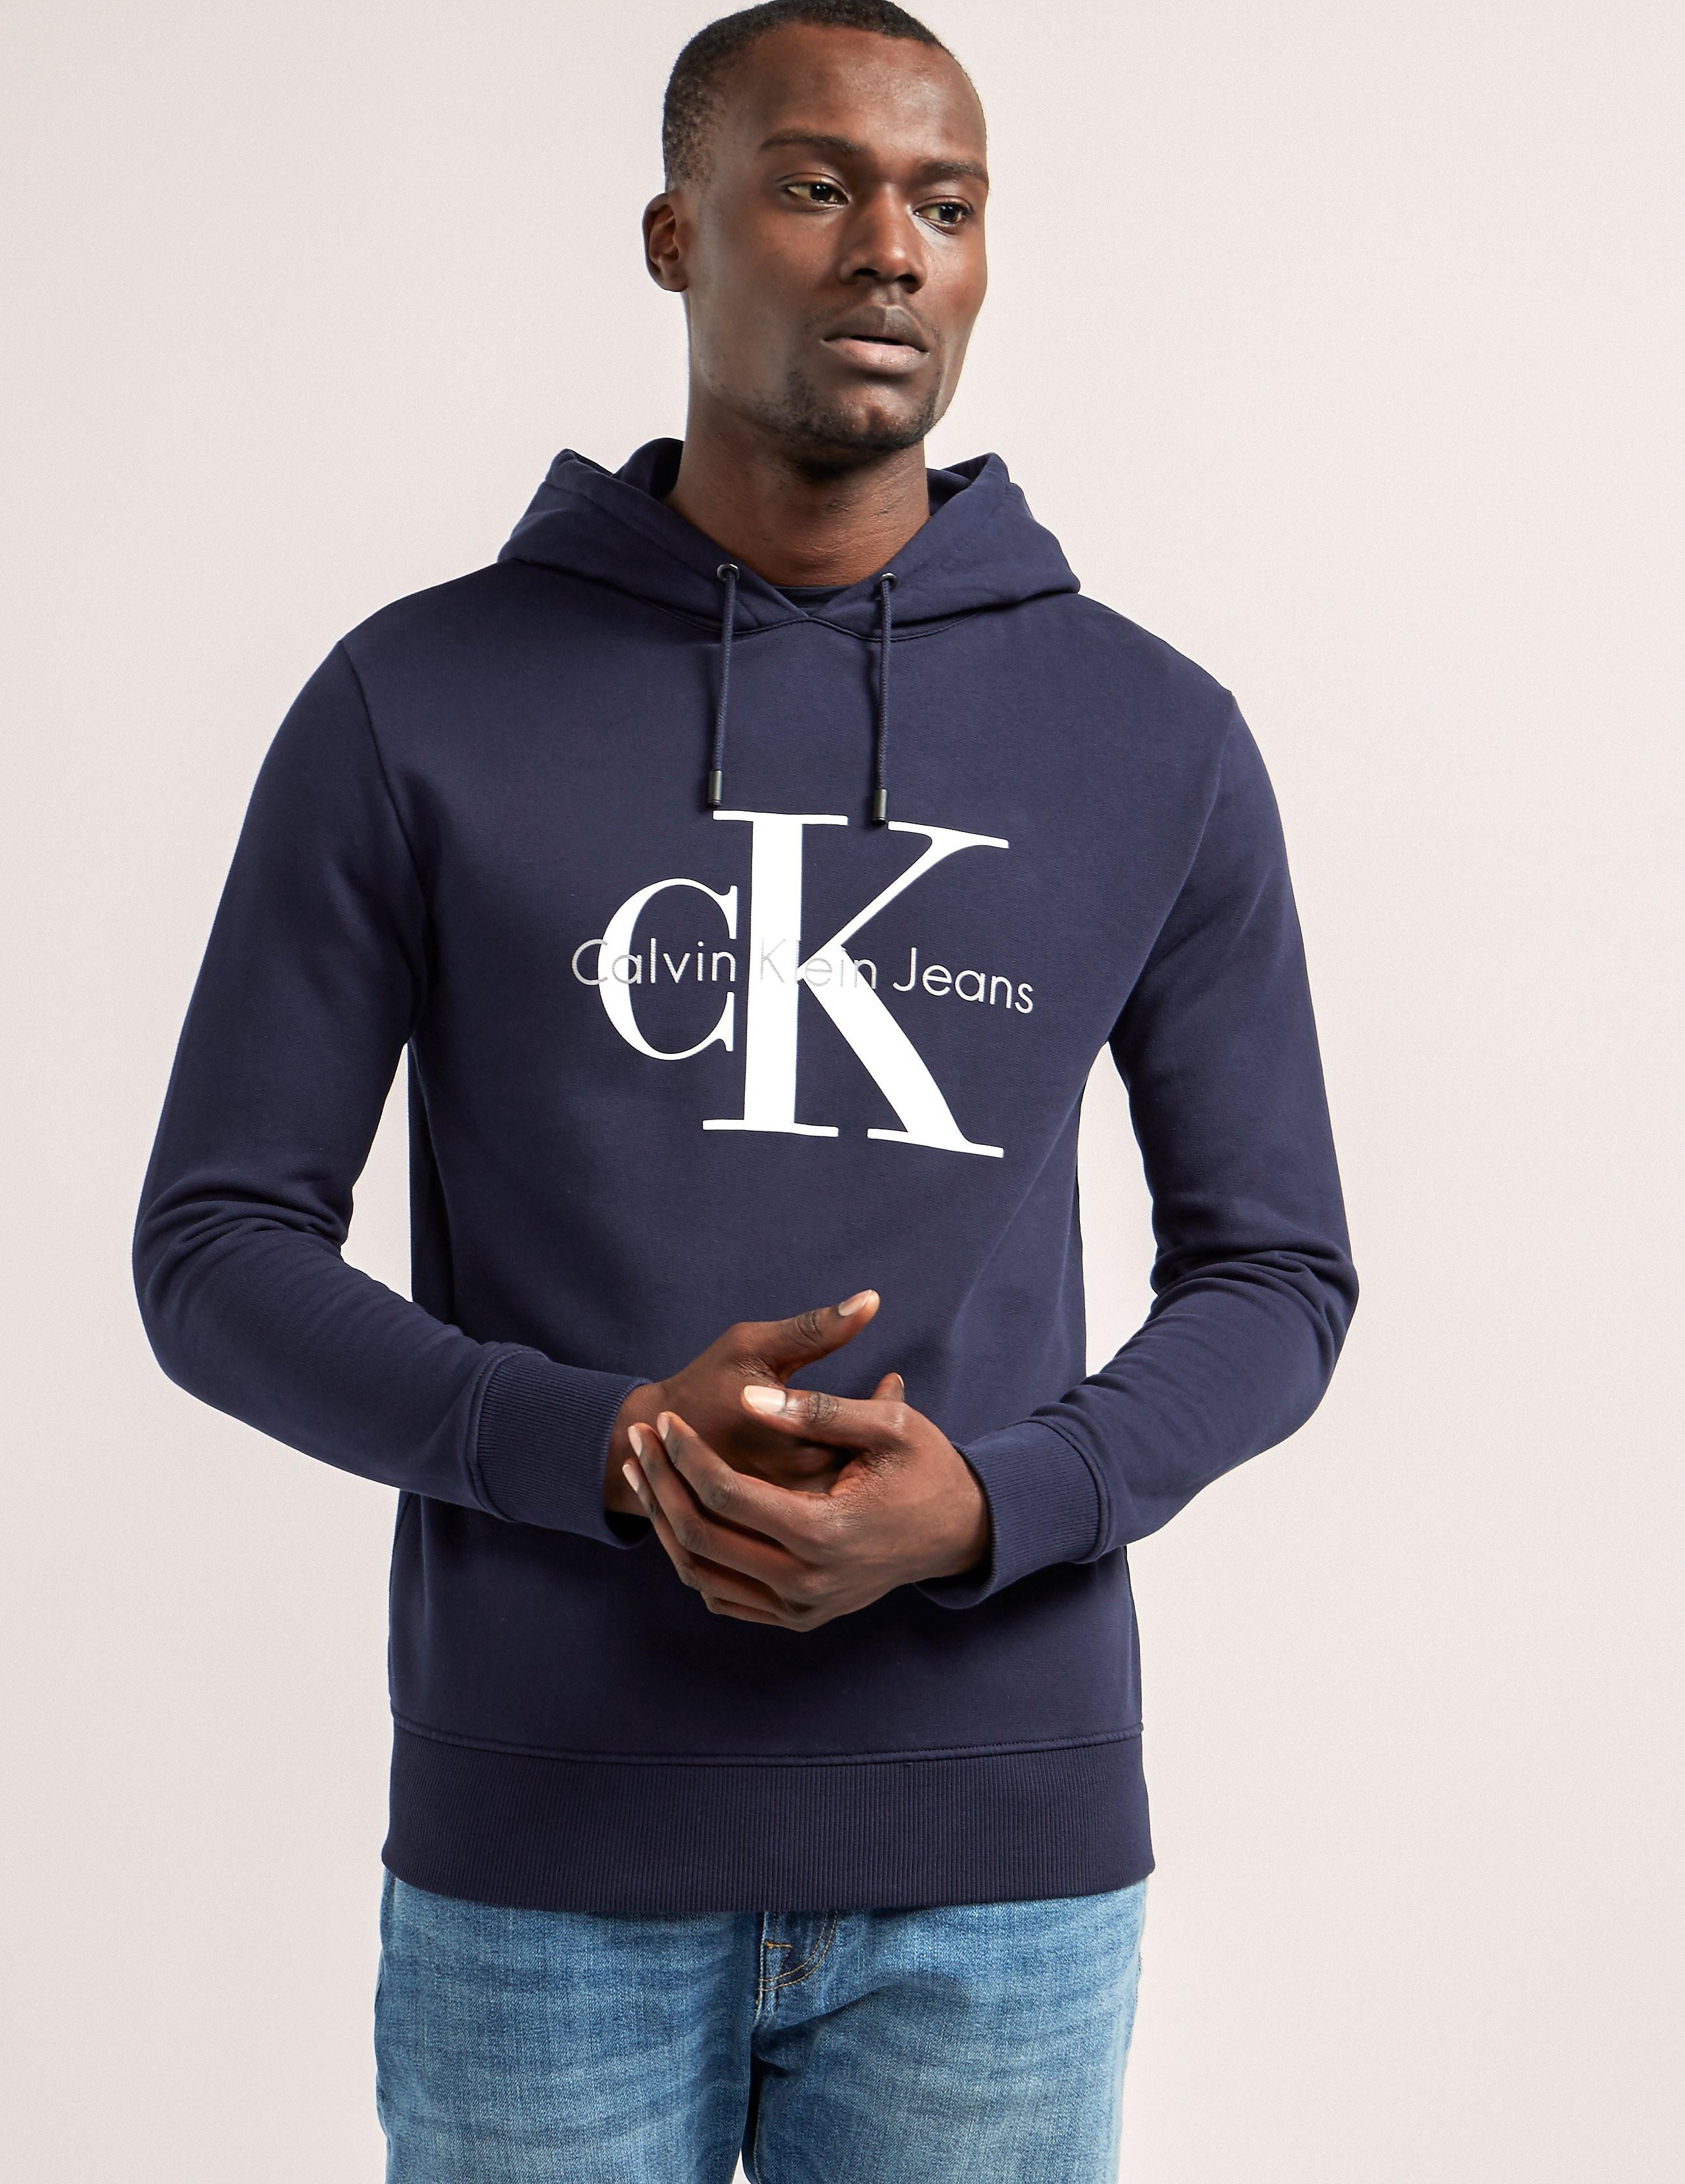 Calvin Klein Icon Hoody